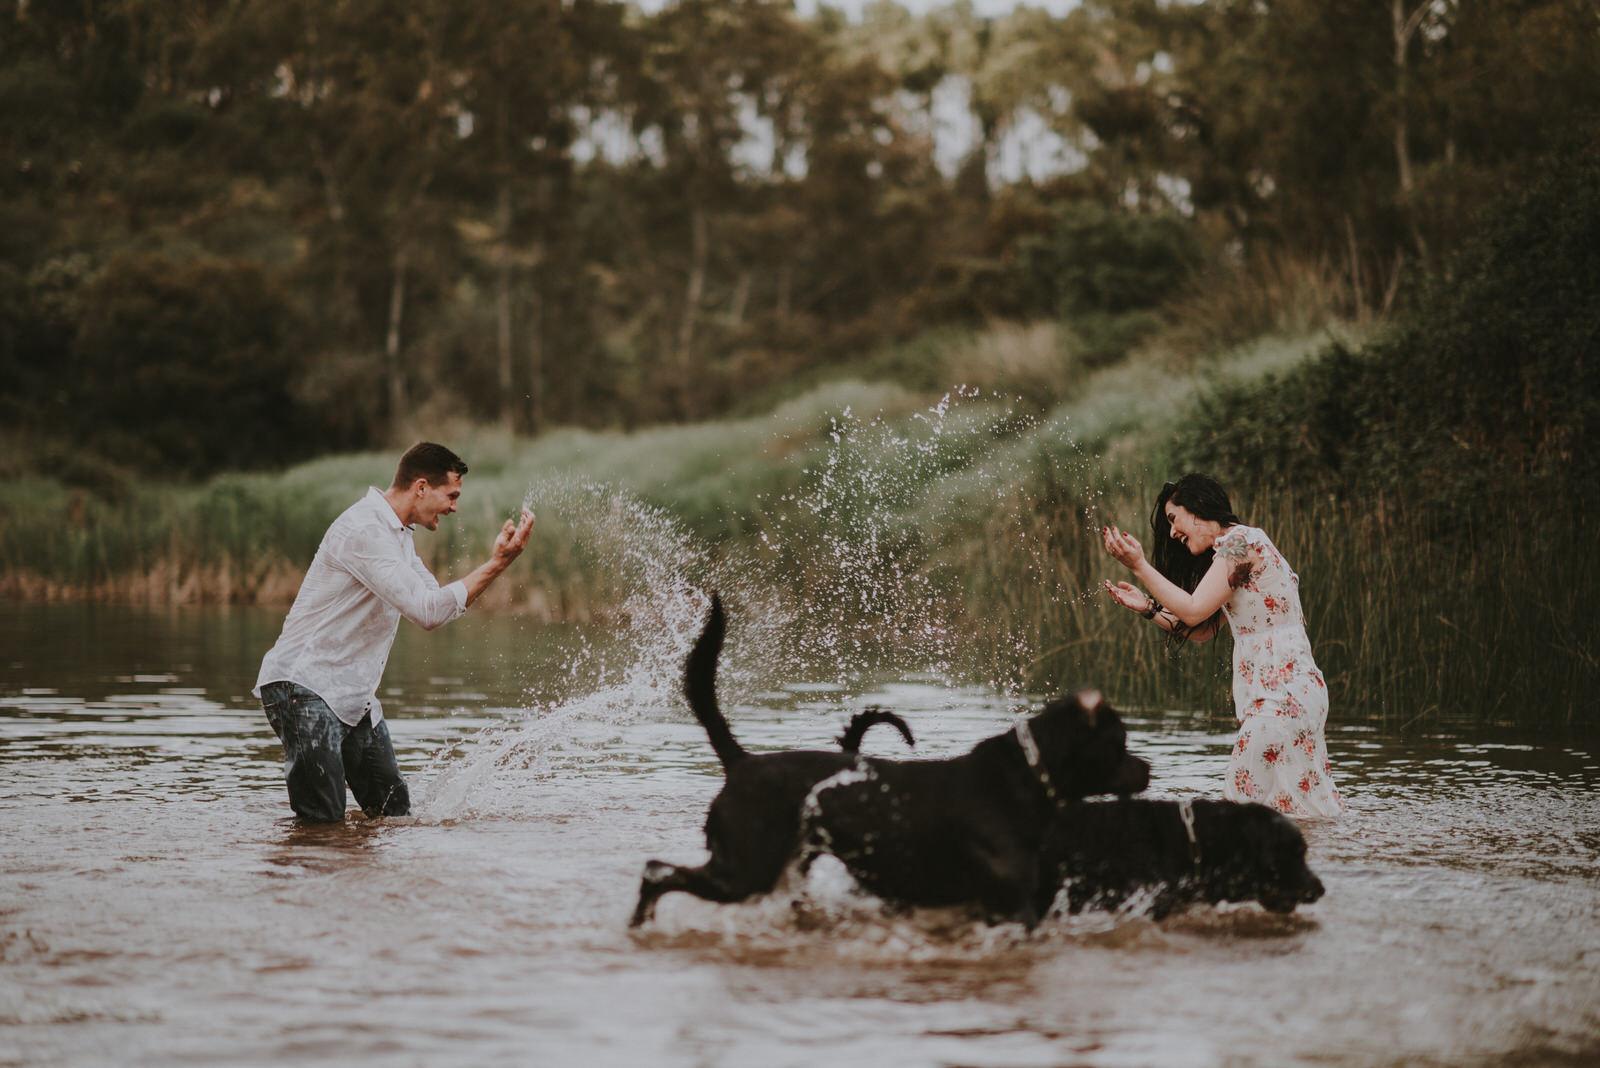 preboda en Paterna - Ivan & Marilo - fotografo de bodas huelva .jpg